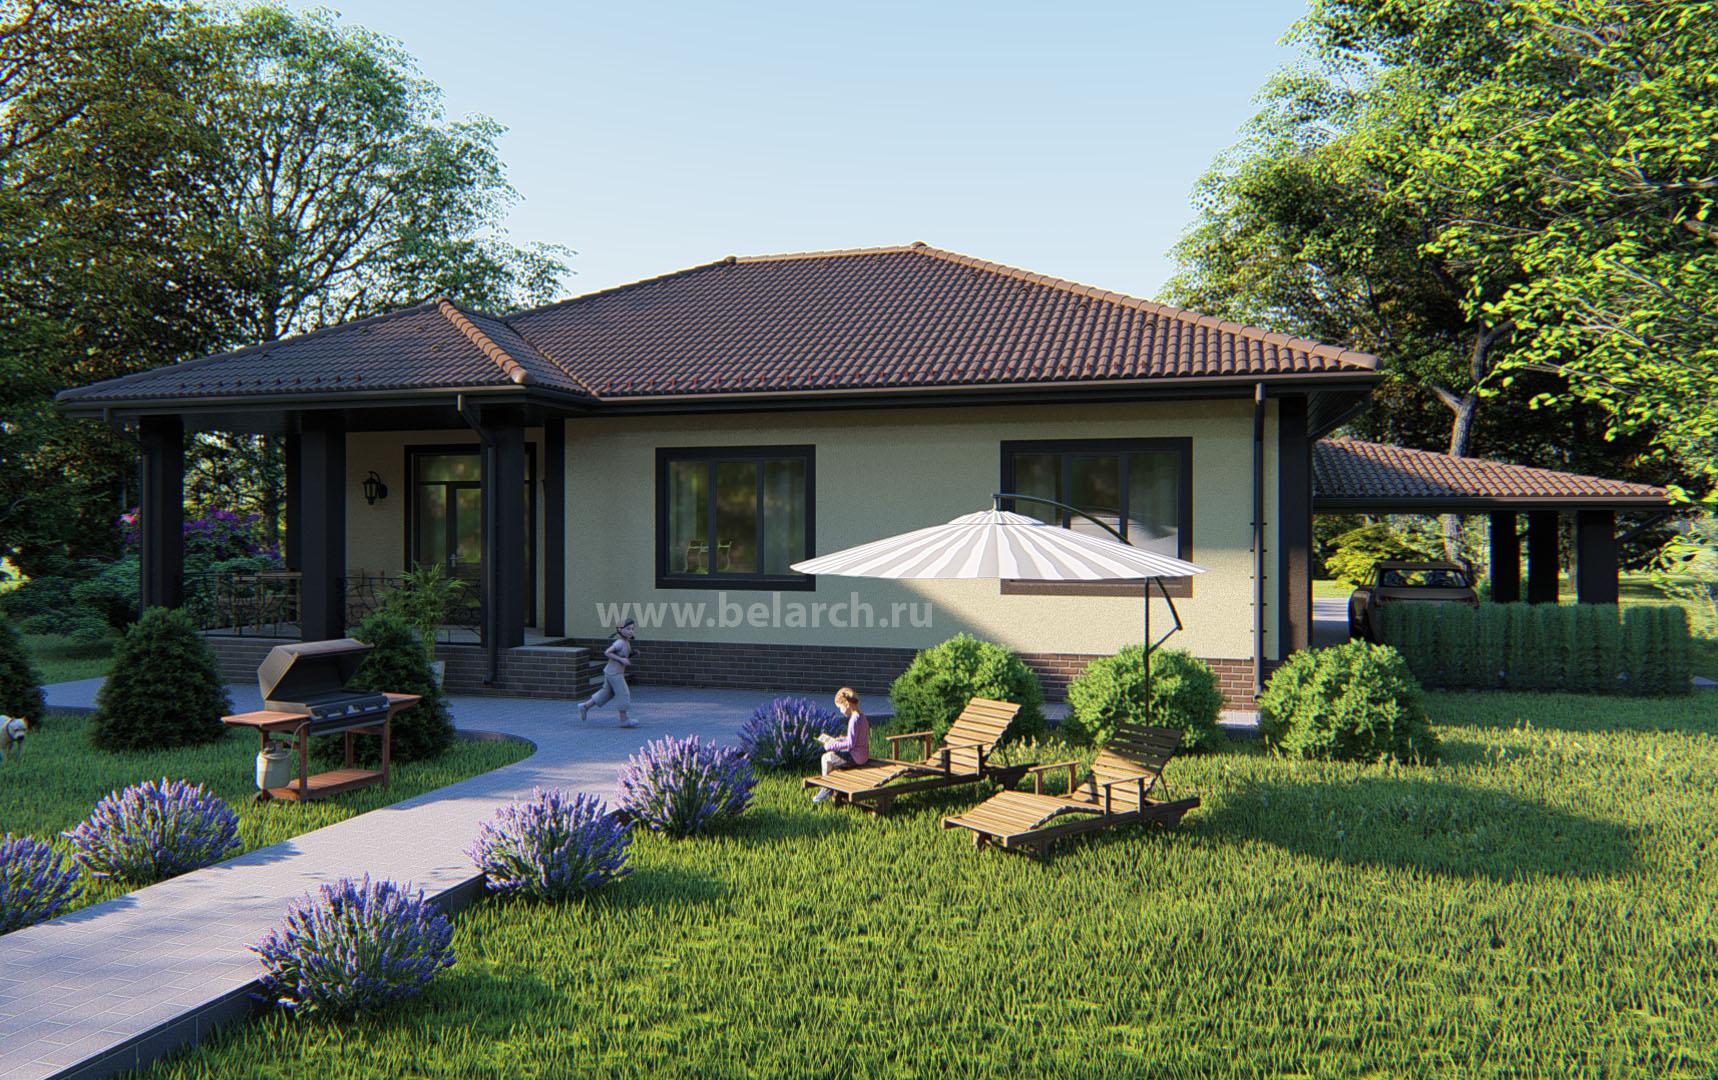 Проект дома 150 кв.м. с тремя спальнями и террасой